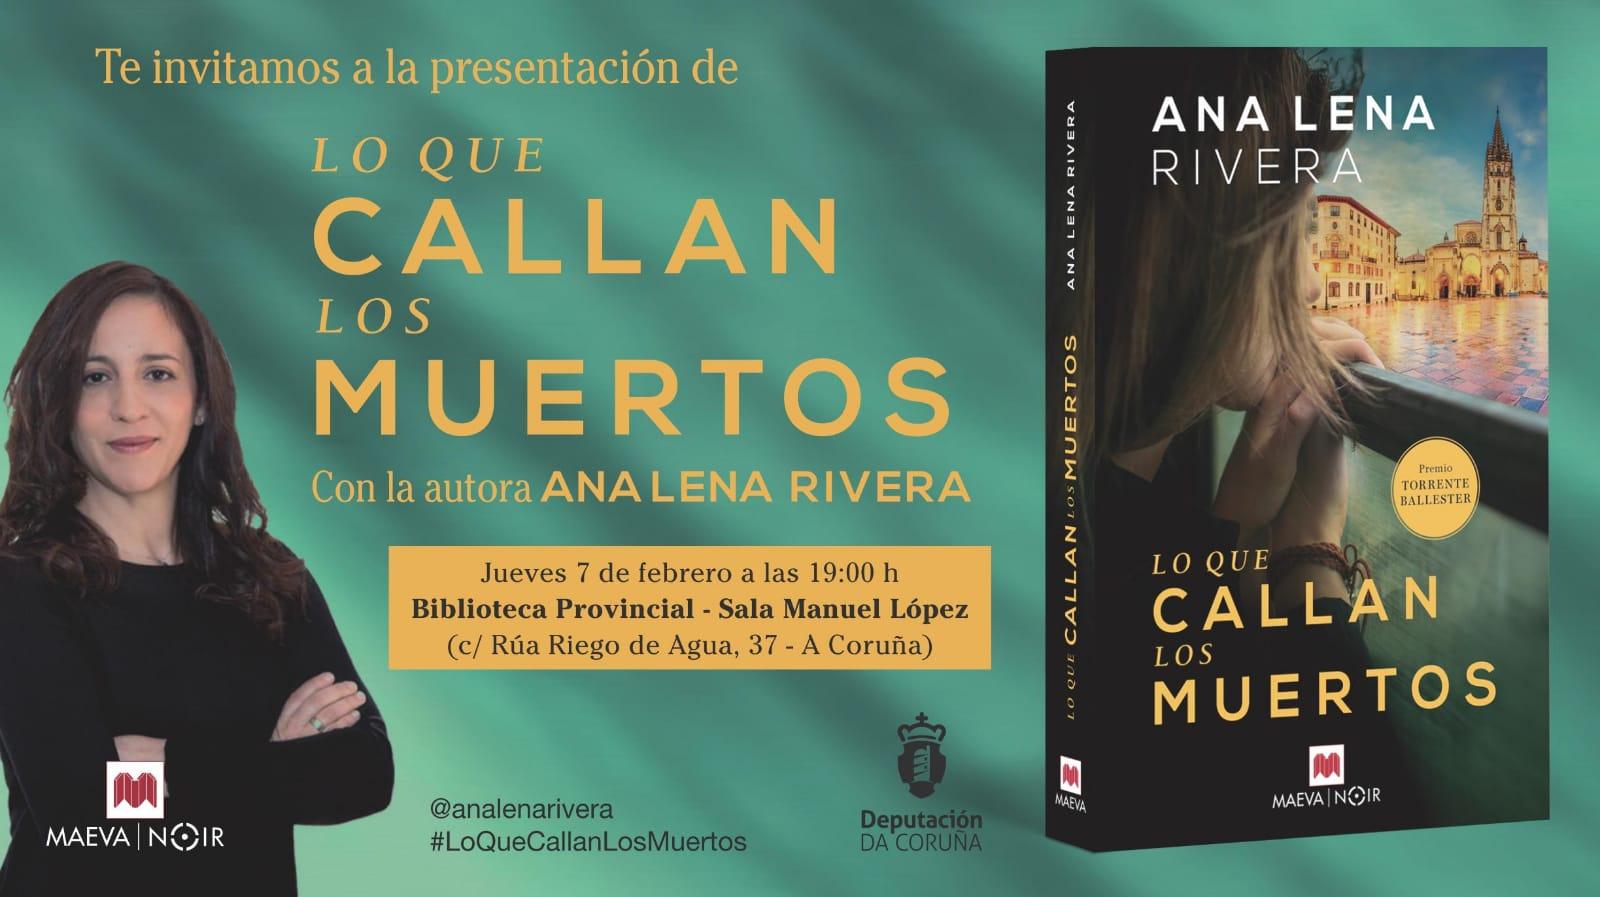 Lo que callan los muertos é unha novela de misterio ambientada en Oviedo e  protagonizada por unha investigadora de fraudes que por unanimidade  espertou a ...